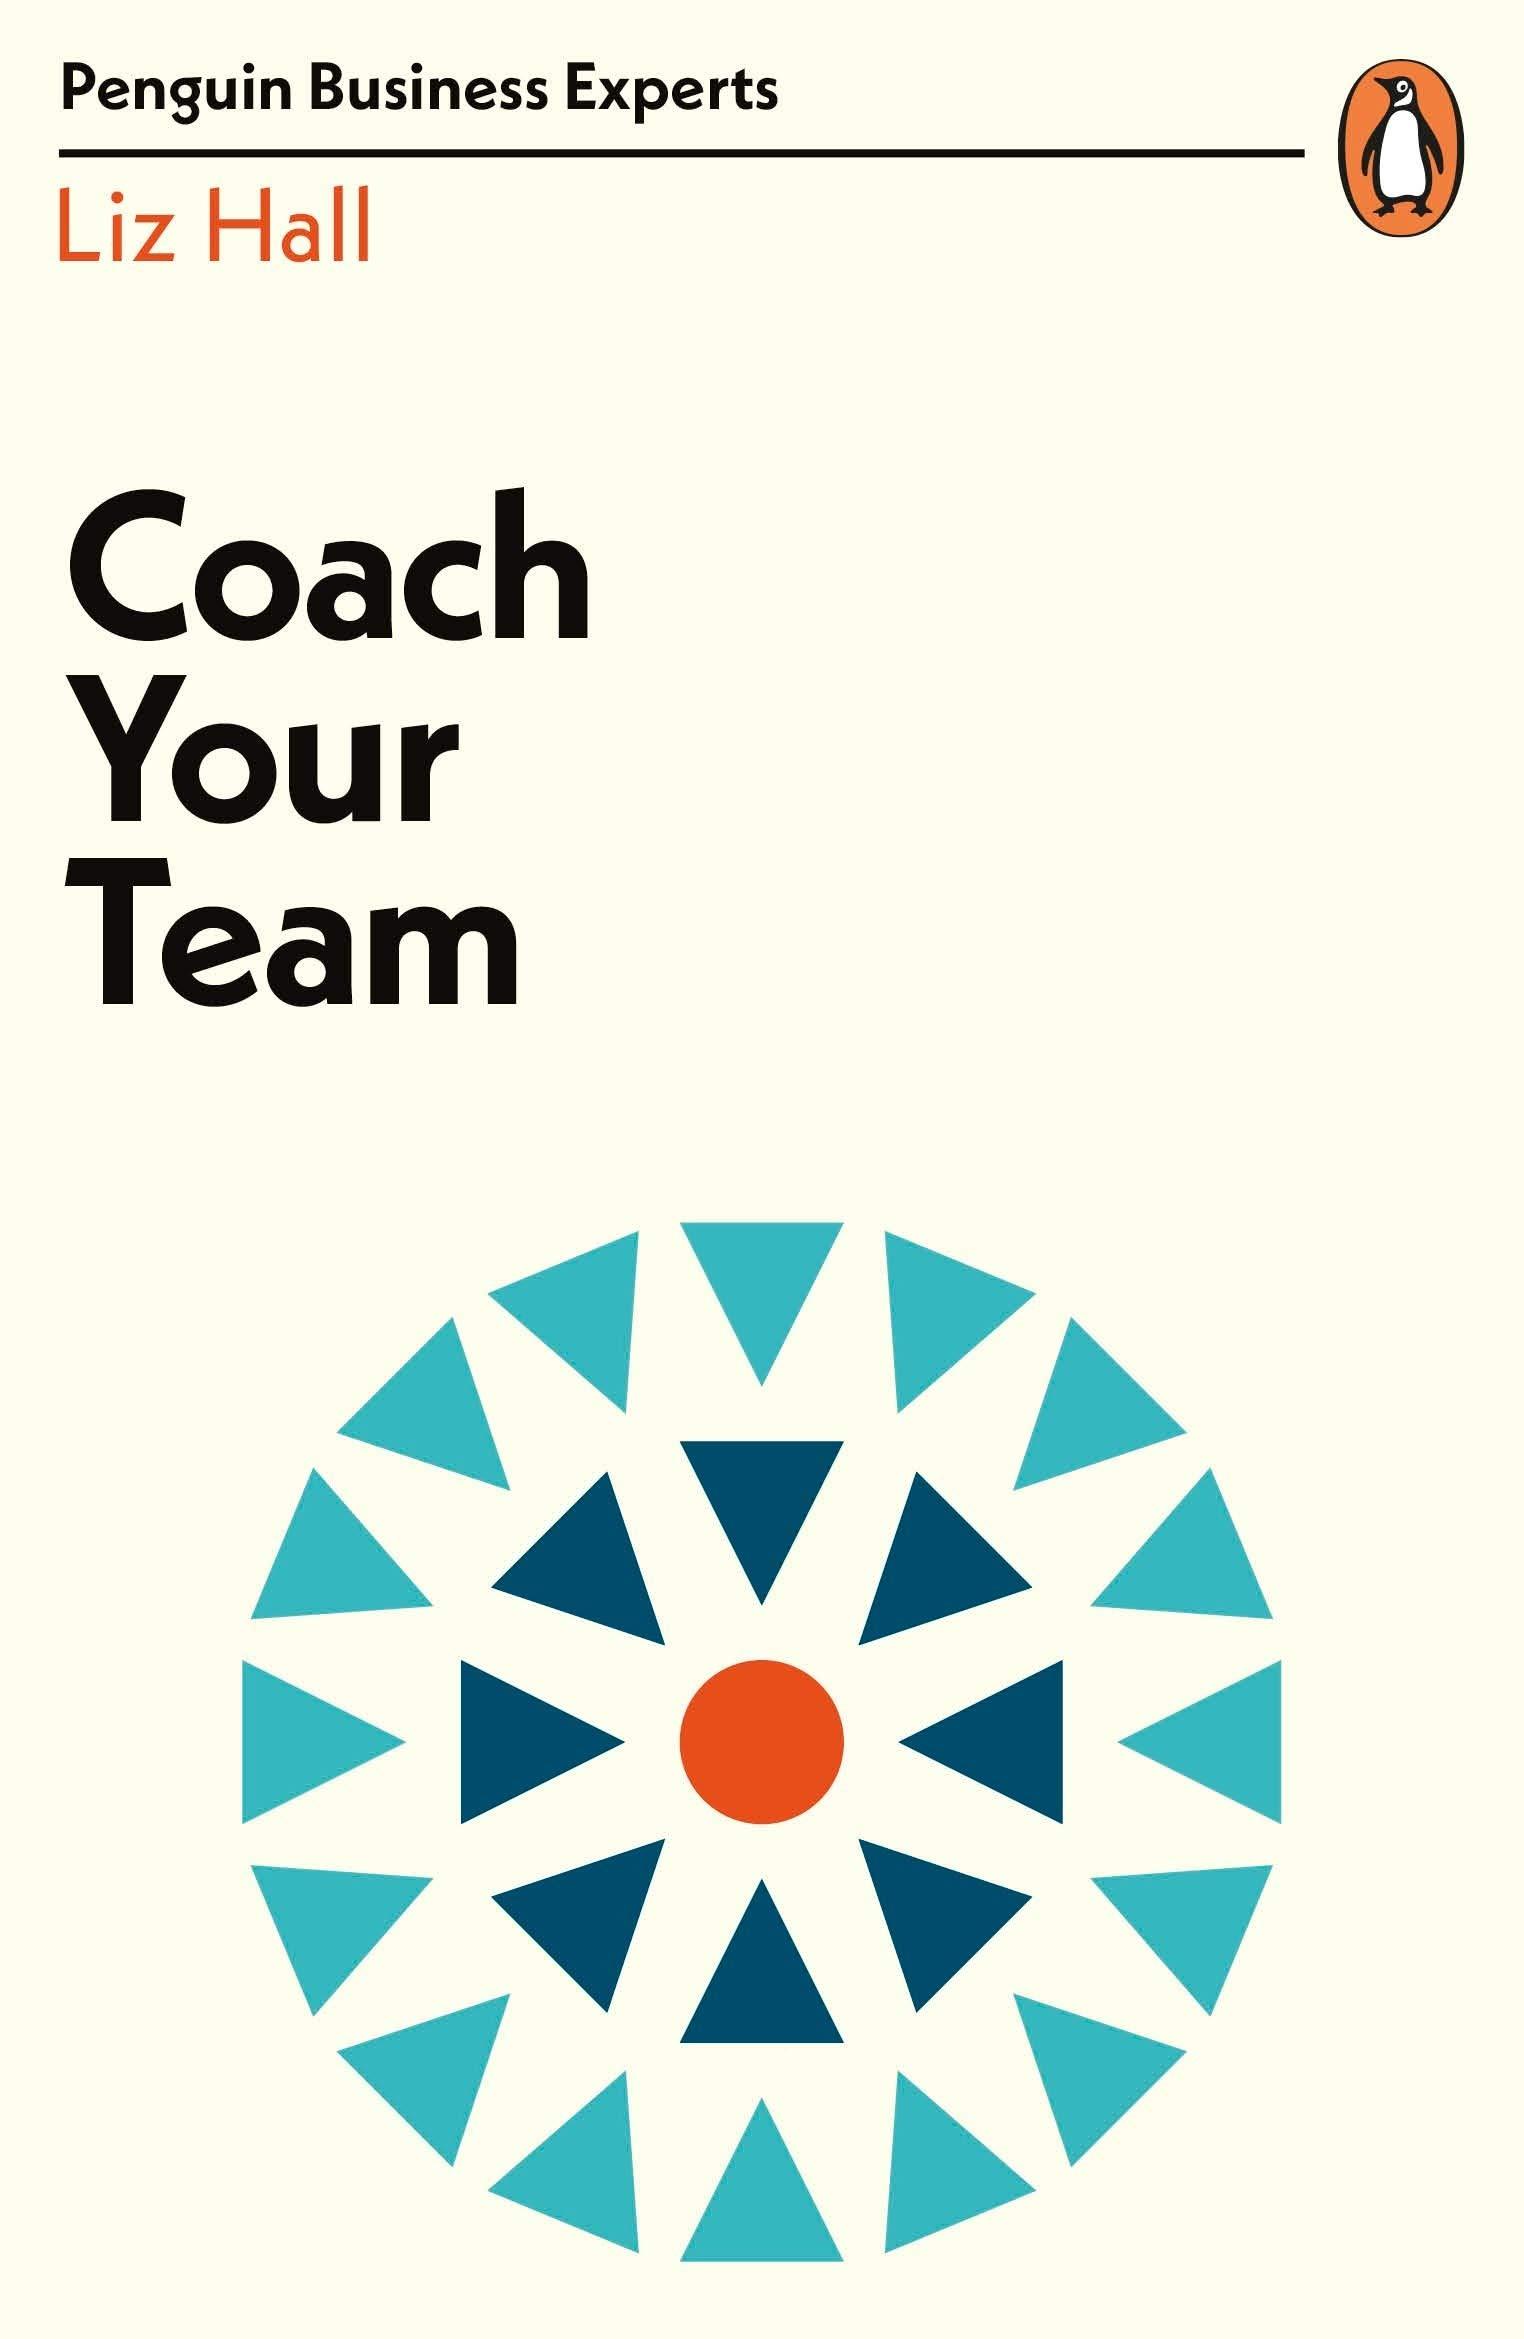 Coach Your Team thumbnail